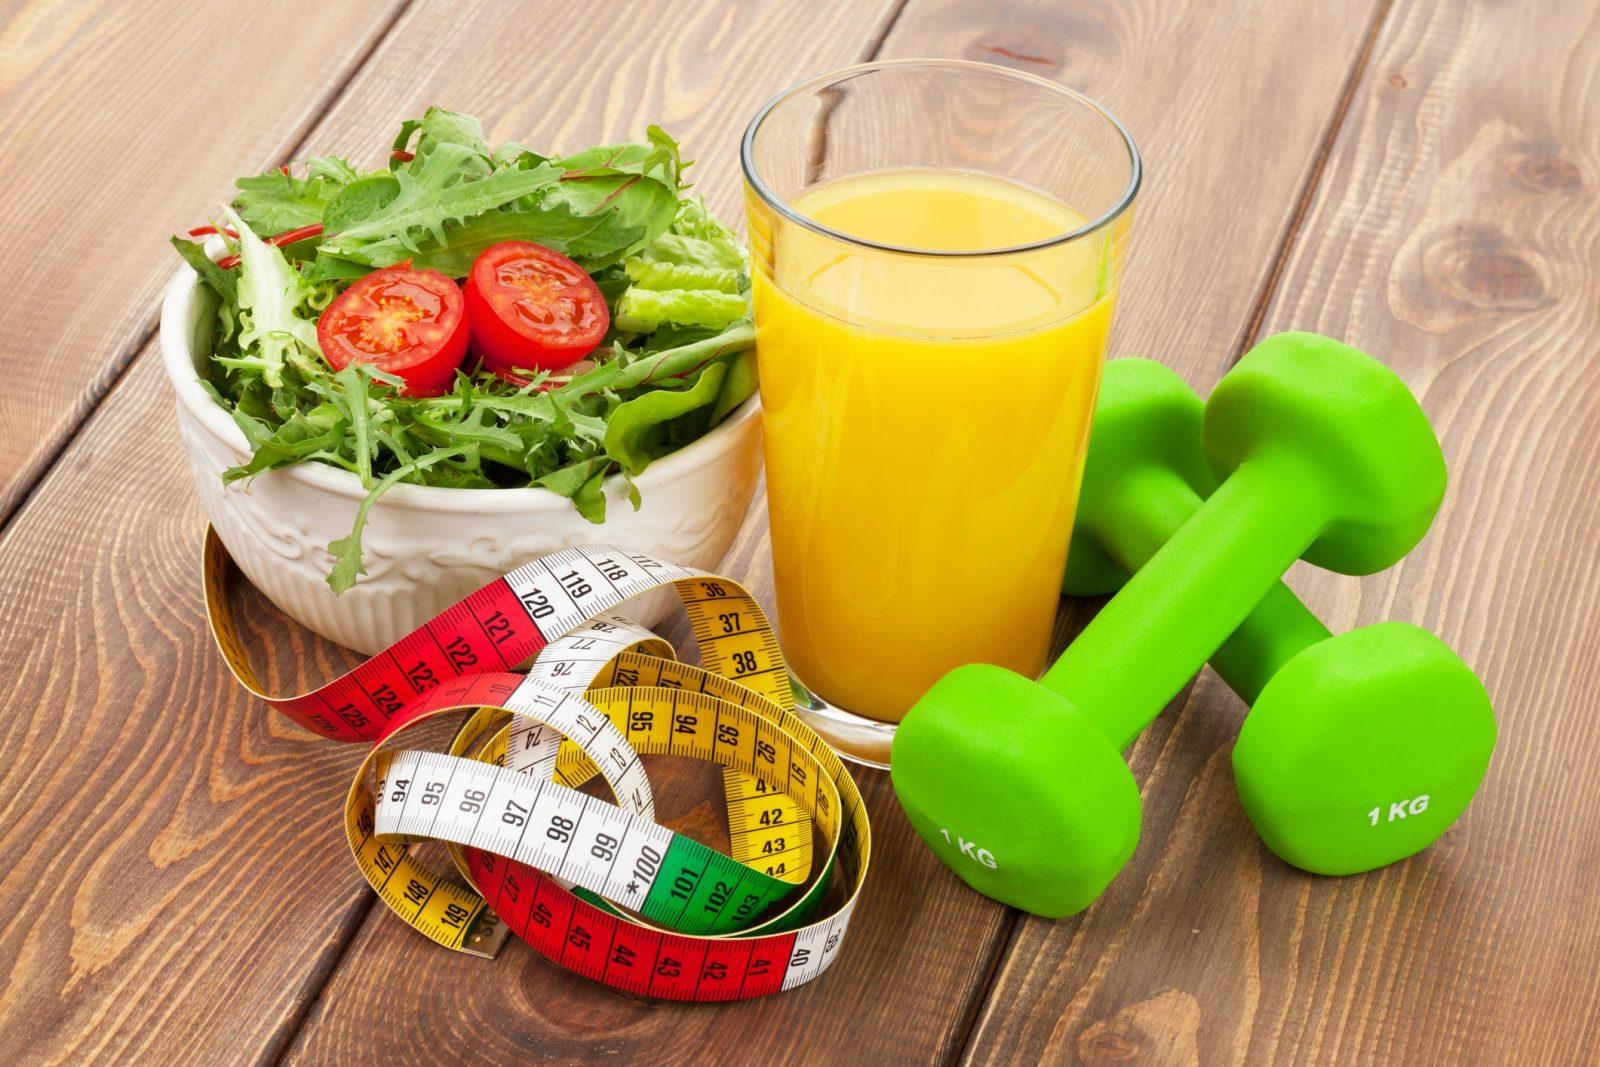 Стакан апельсинового сока, сантиметровая лента, зеленый салат с помидорами, зеленные гантели